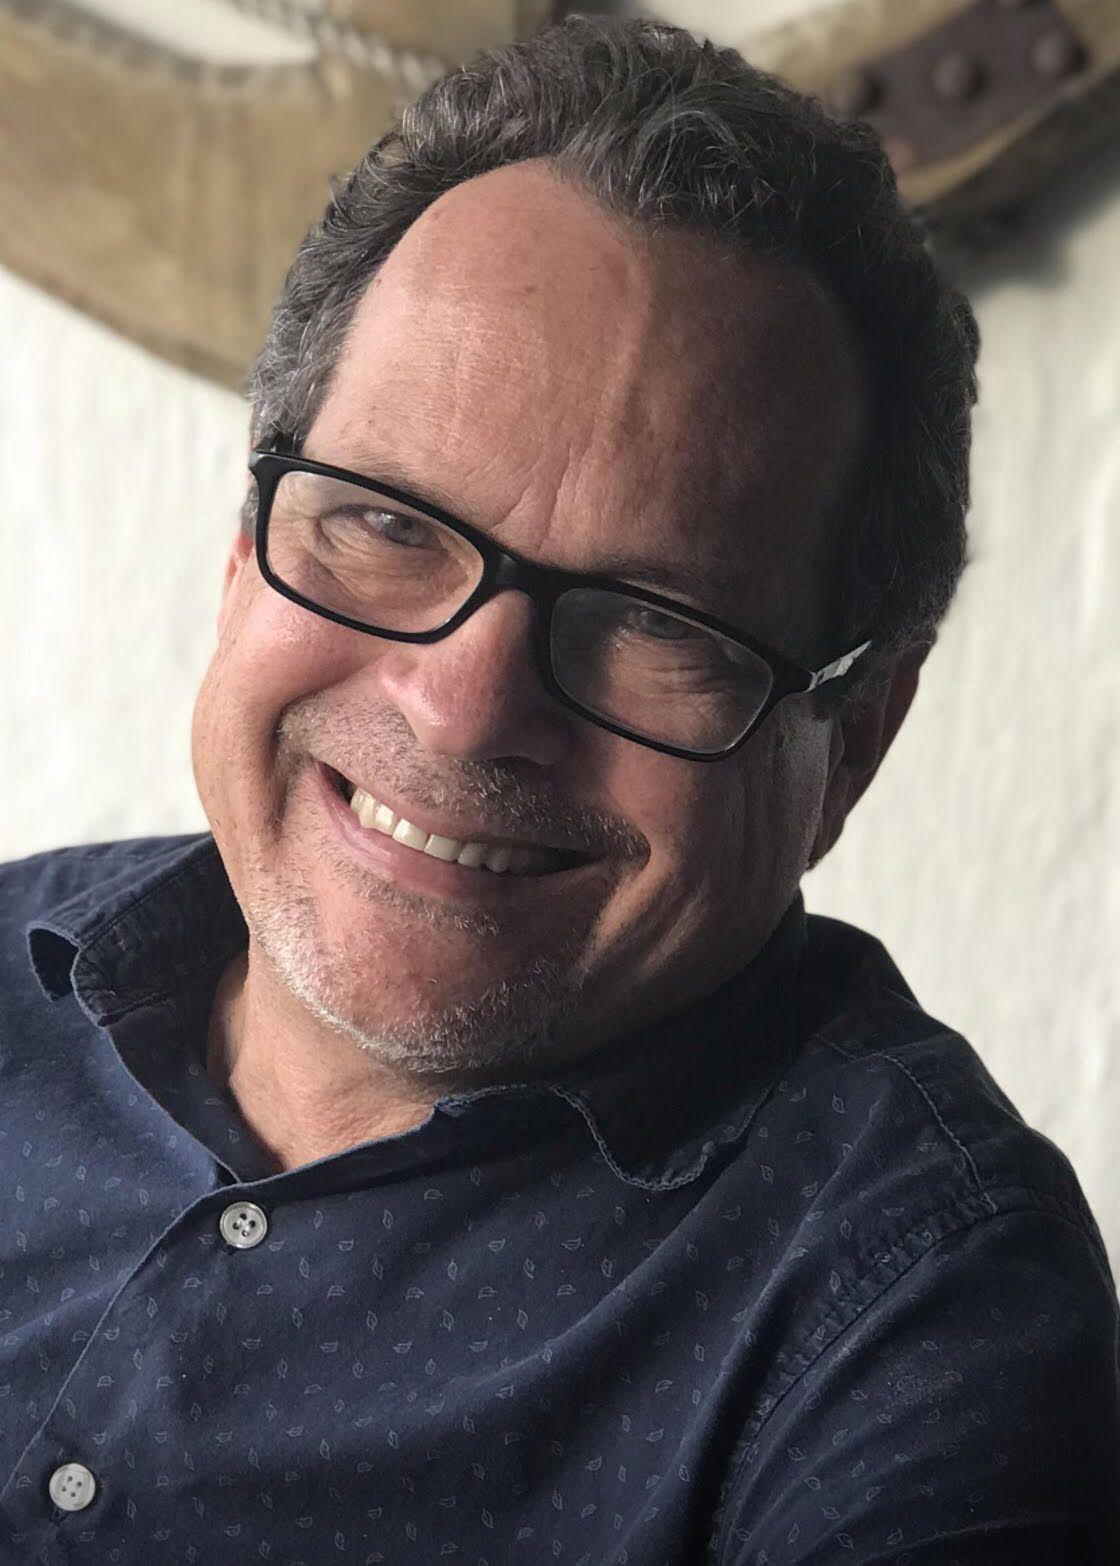 Marco Schwartz